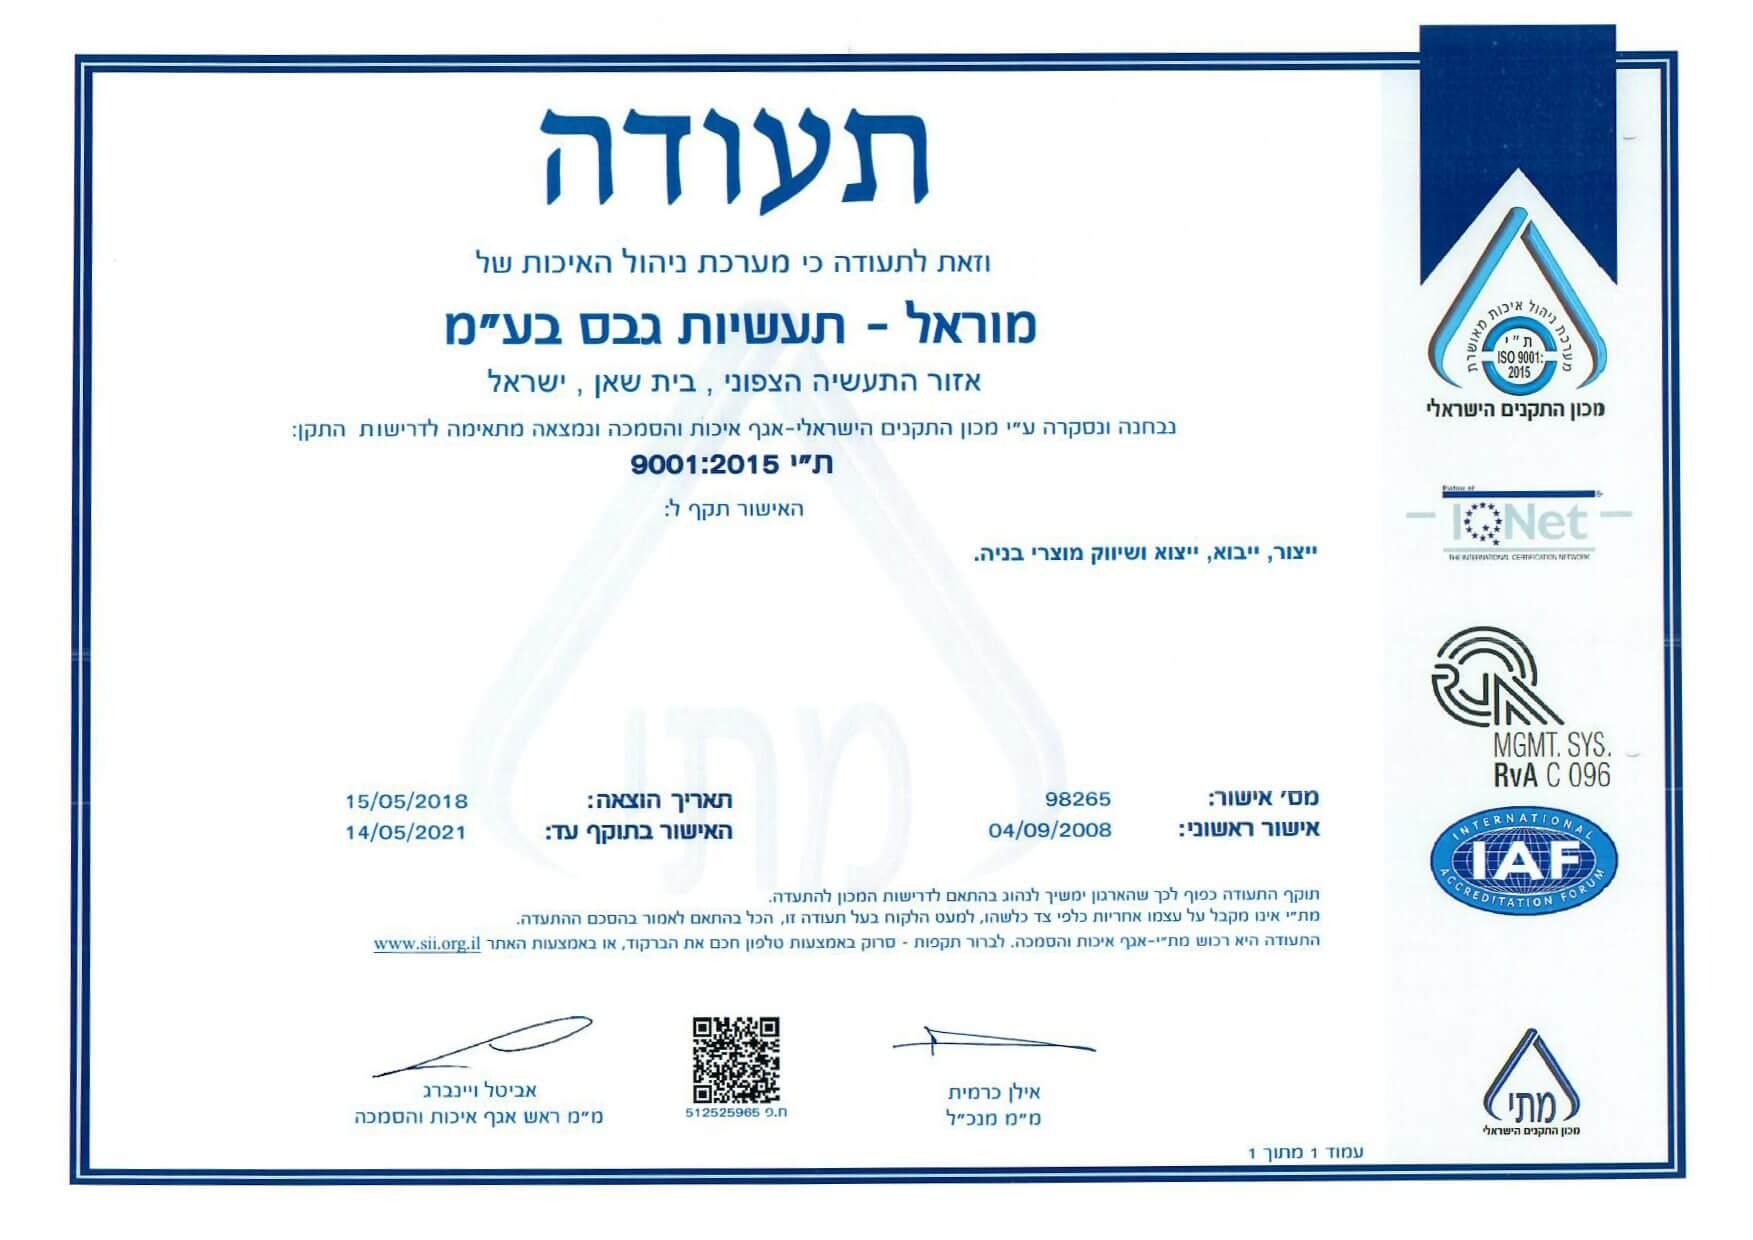 ISO 9001:2015 תעודת תו תקן עברית (2018-2021)